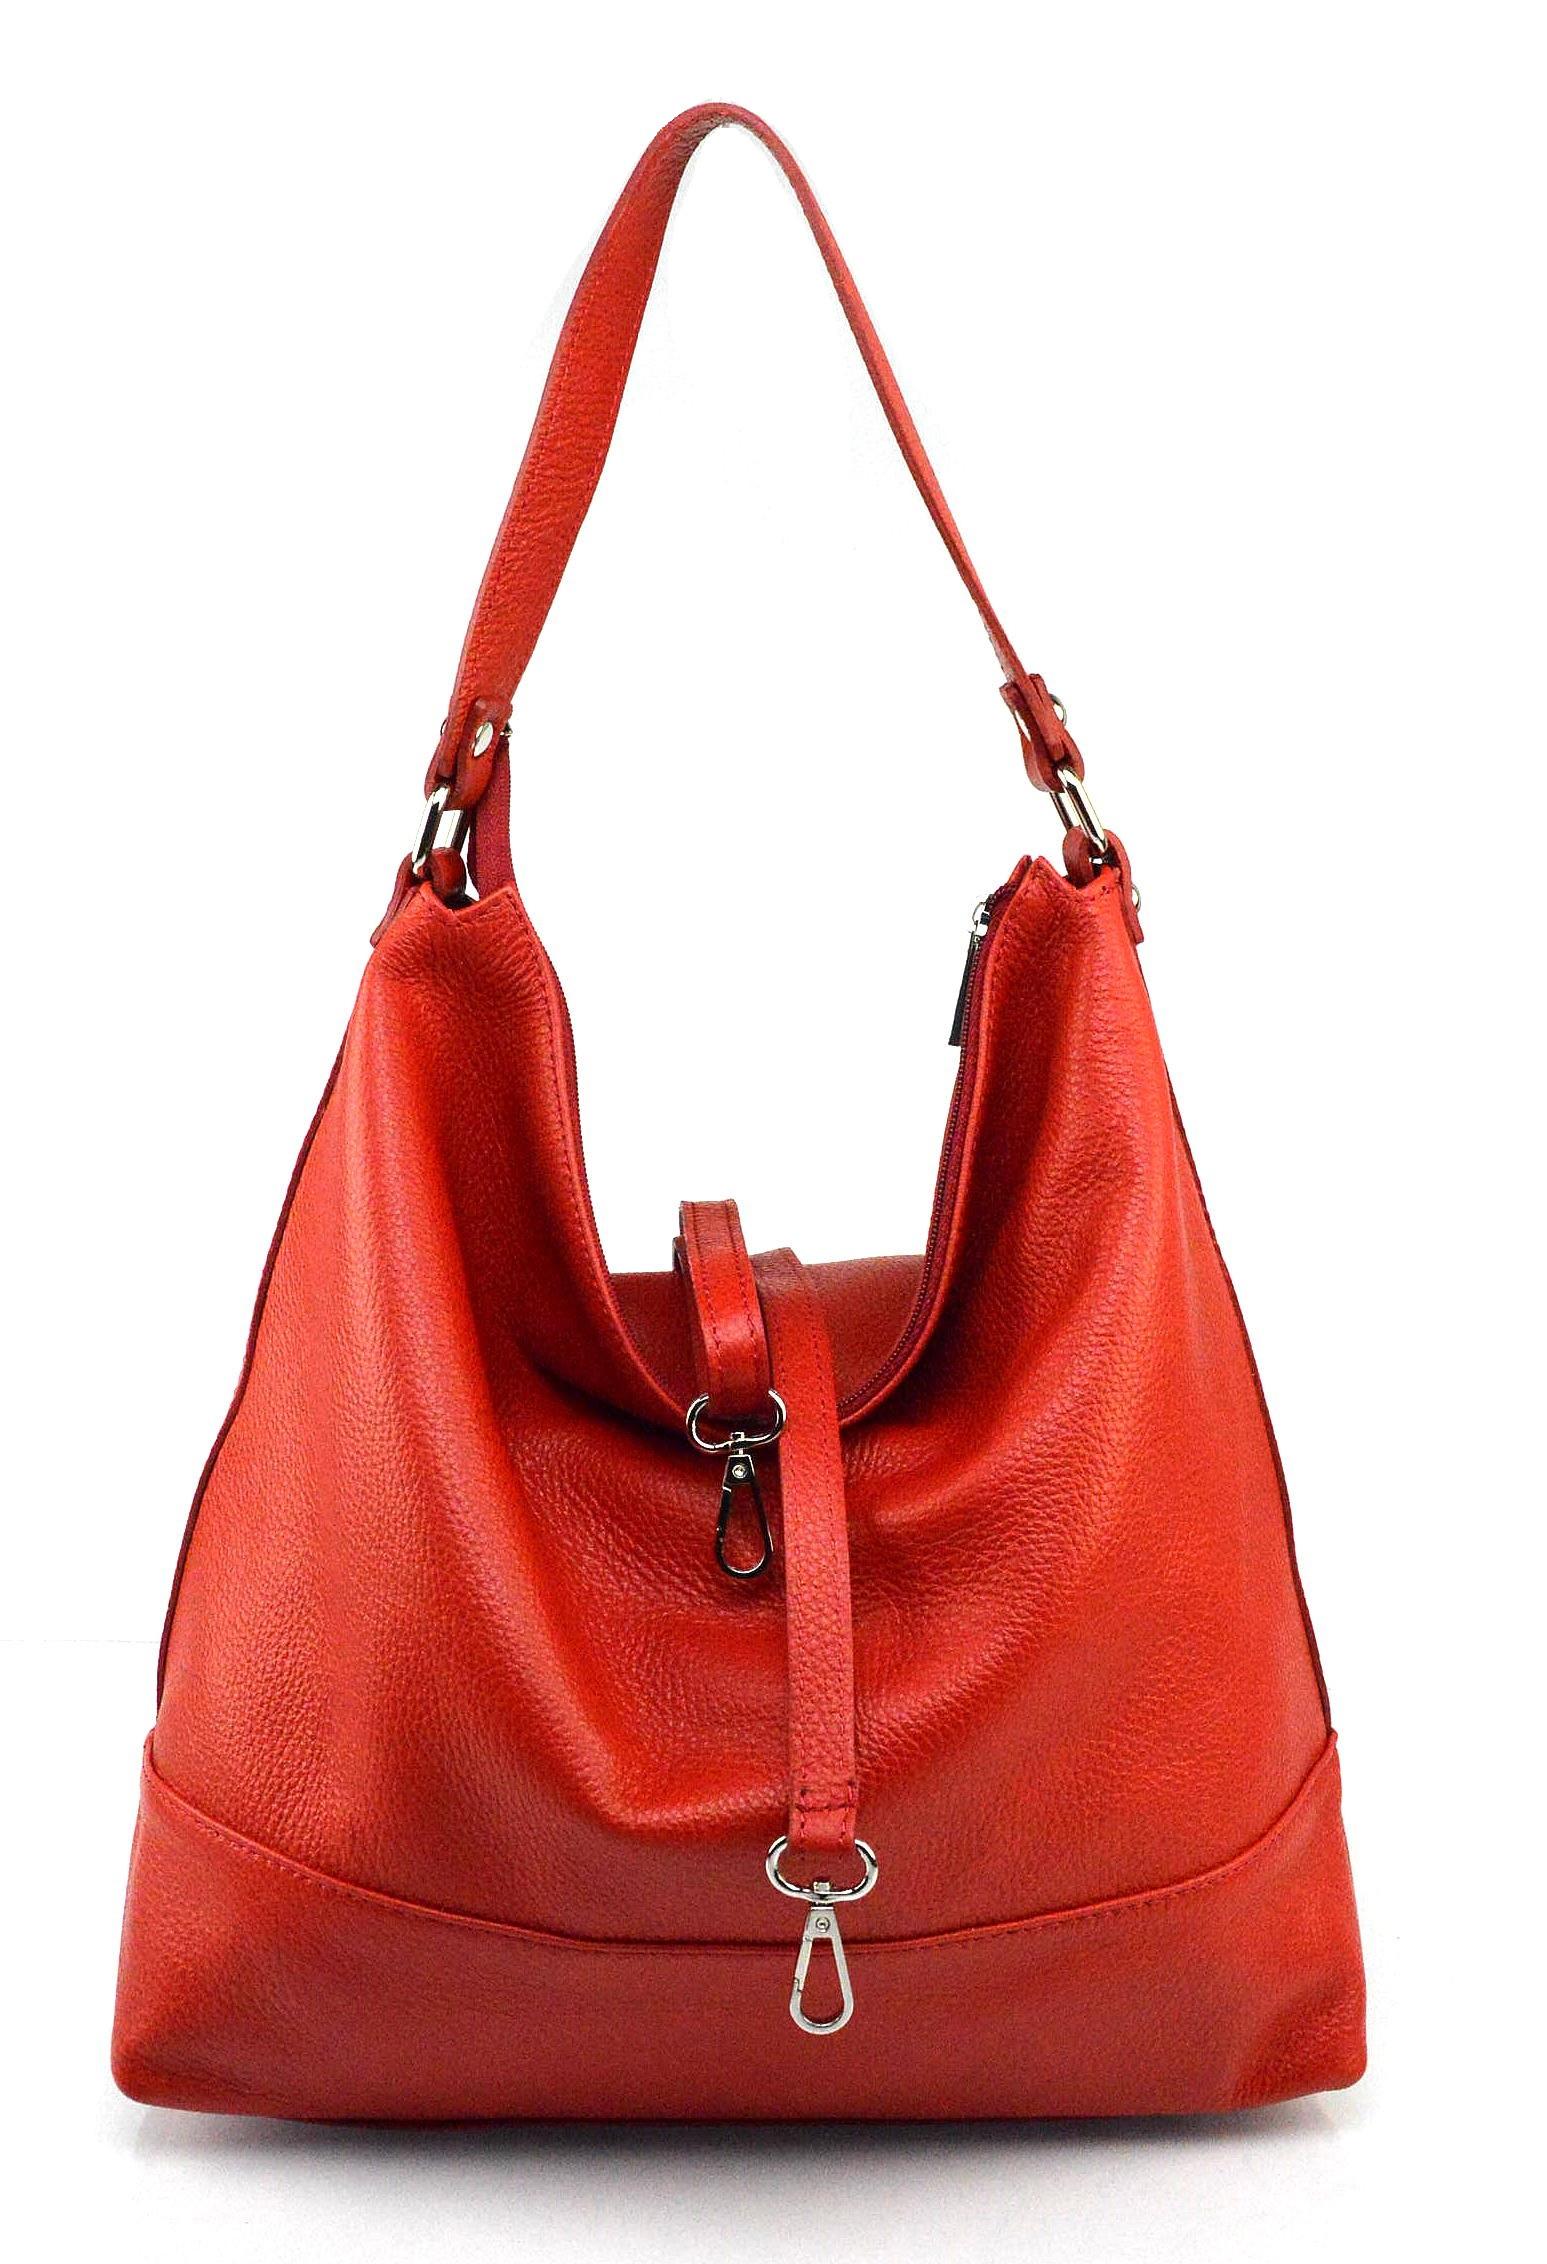 29a5707ba3 Kožená luxusní sytě červená kabelka přes rameno laurel - KabelkyZeSveta